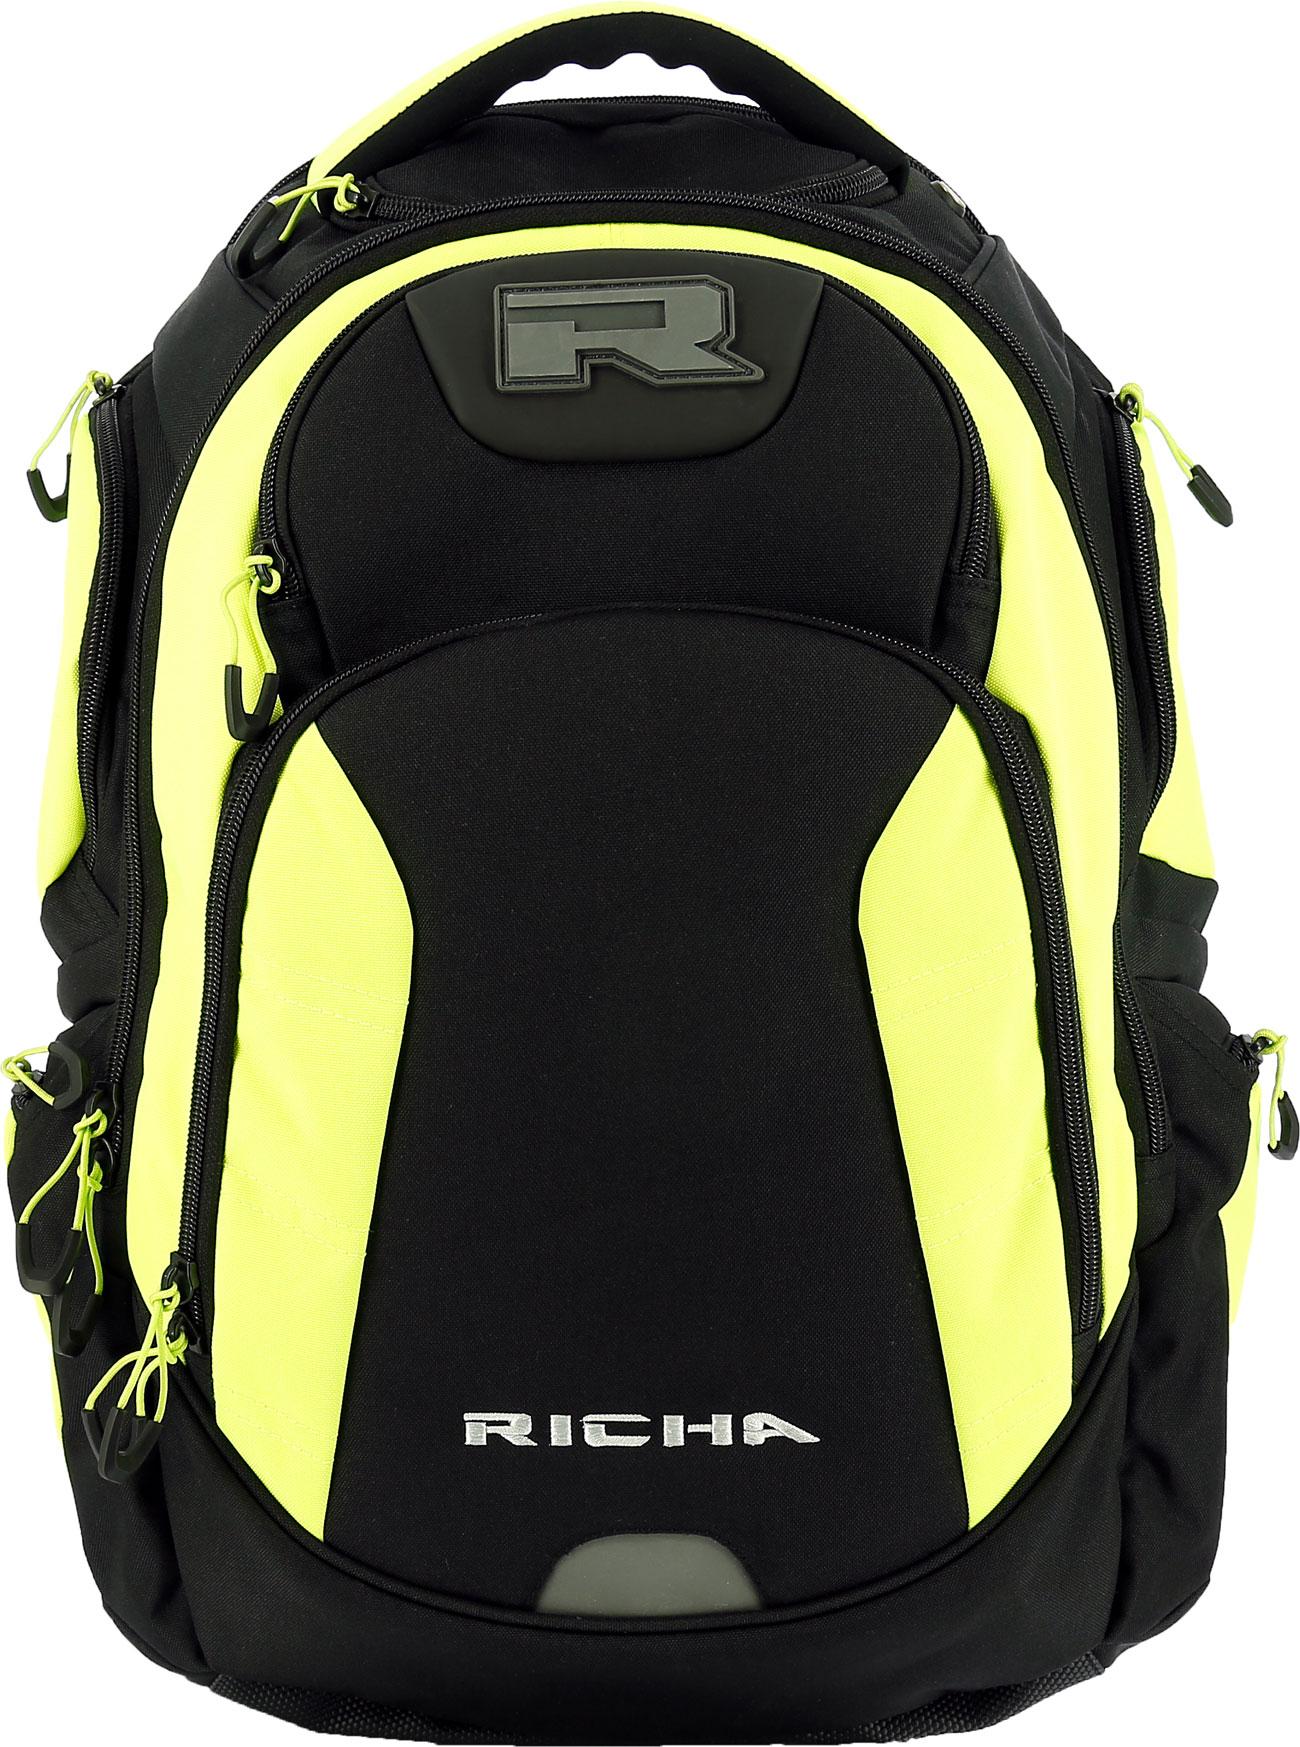 Richa Krypton, Rucksack - Schwarz/Neon-Gelb 8KRY-650-QTY